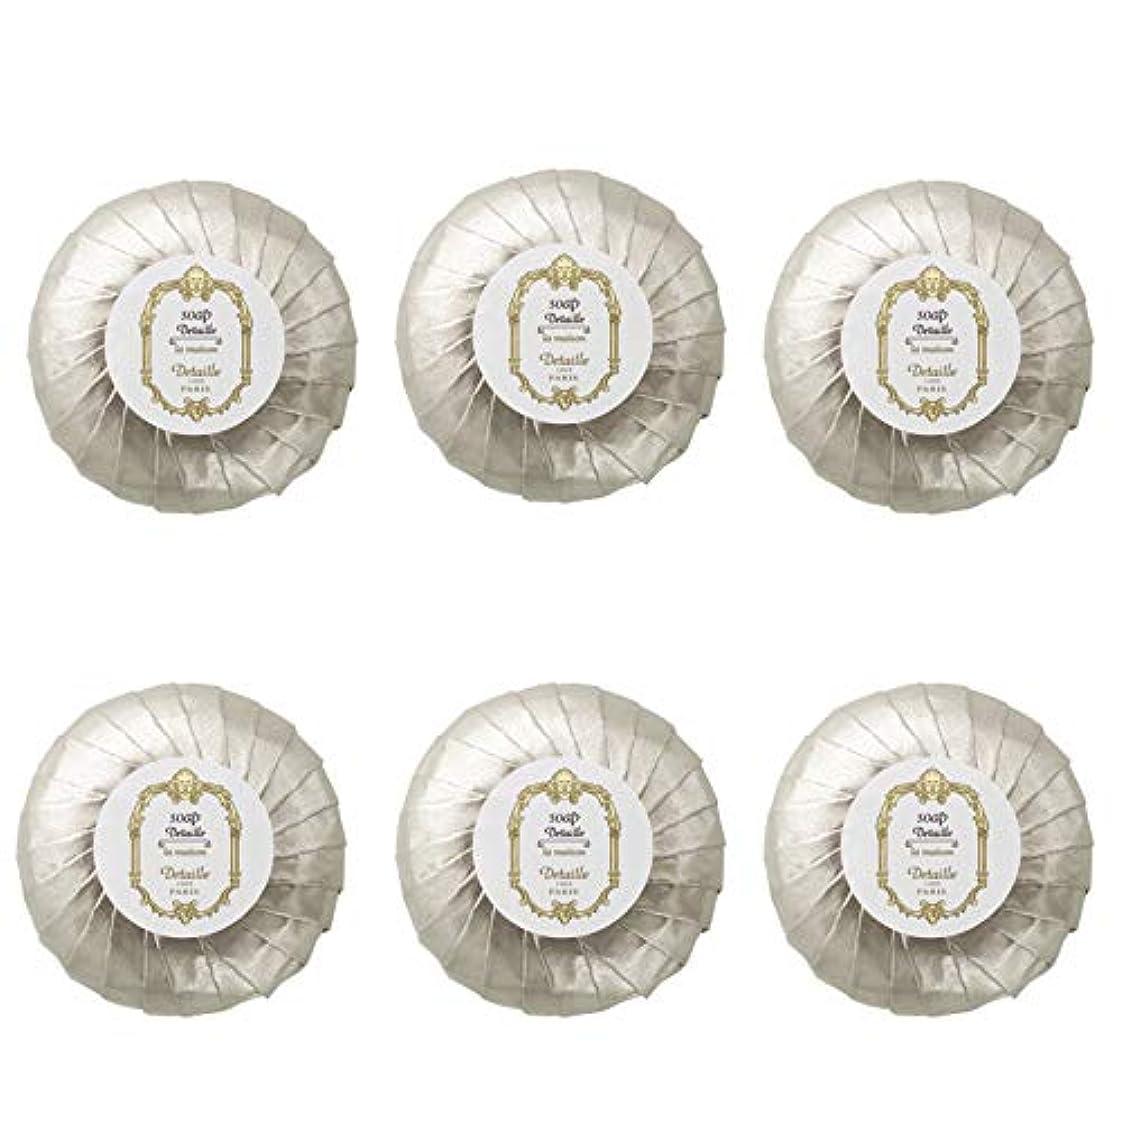 病気の困惑した小切手POLA デタイユ ラ メゾン スキンソープ 固形石鹸 (プリーツ包装) 50g×6個